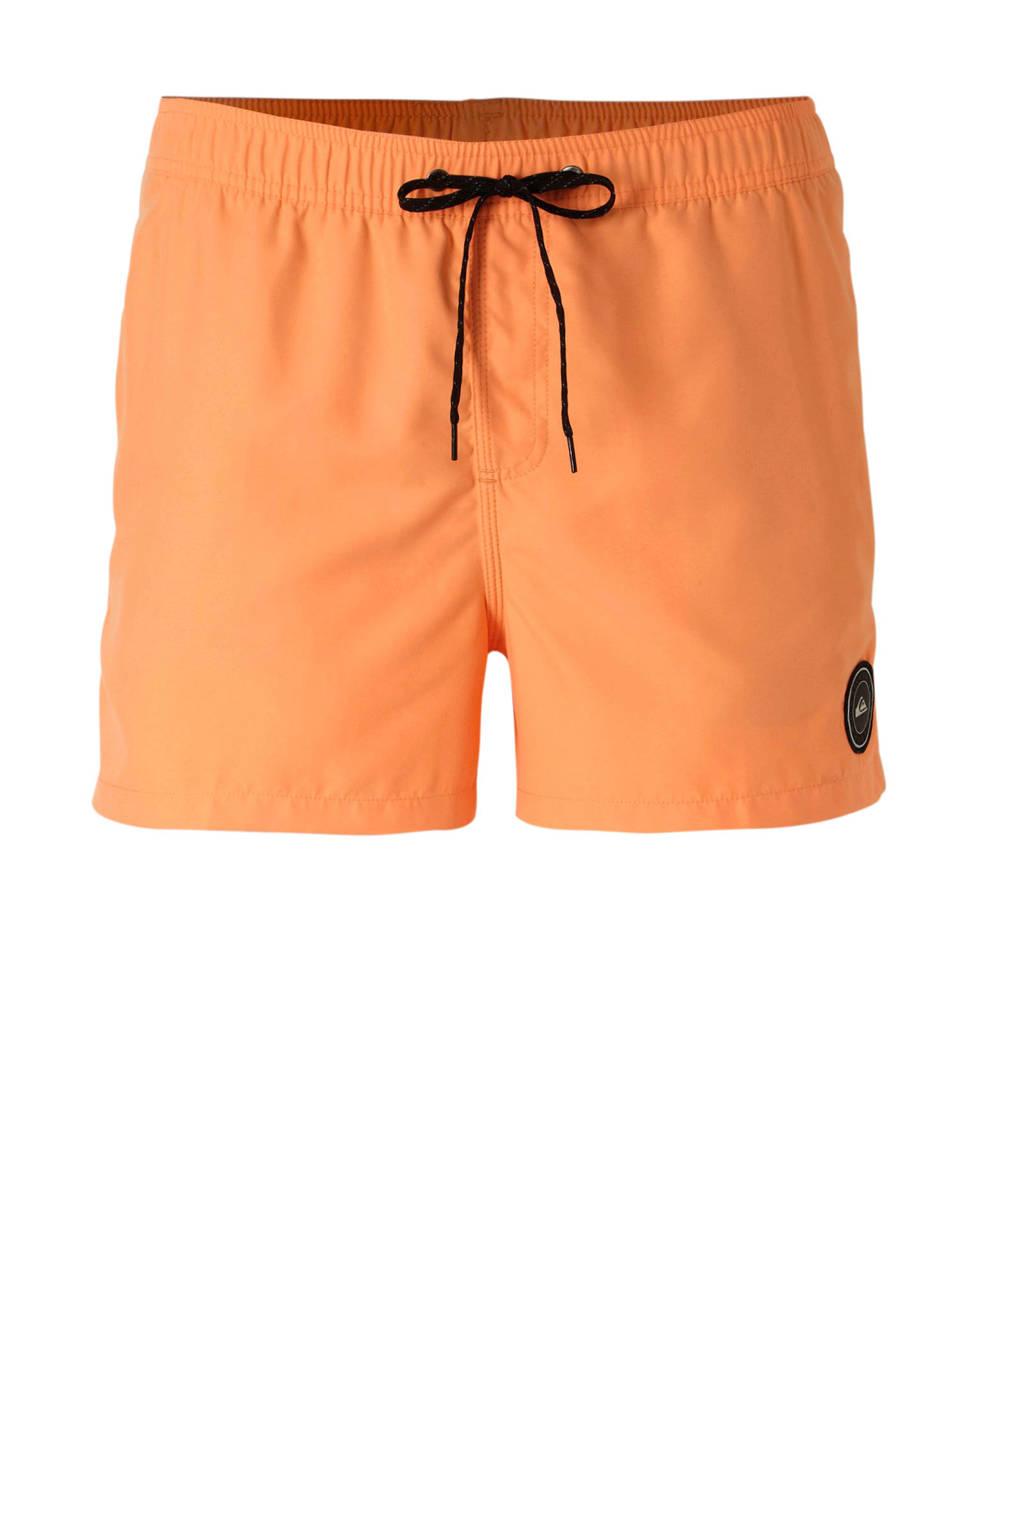 Quiksilver zwemshort oranje, Oranje